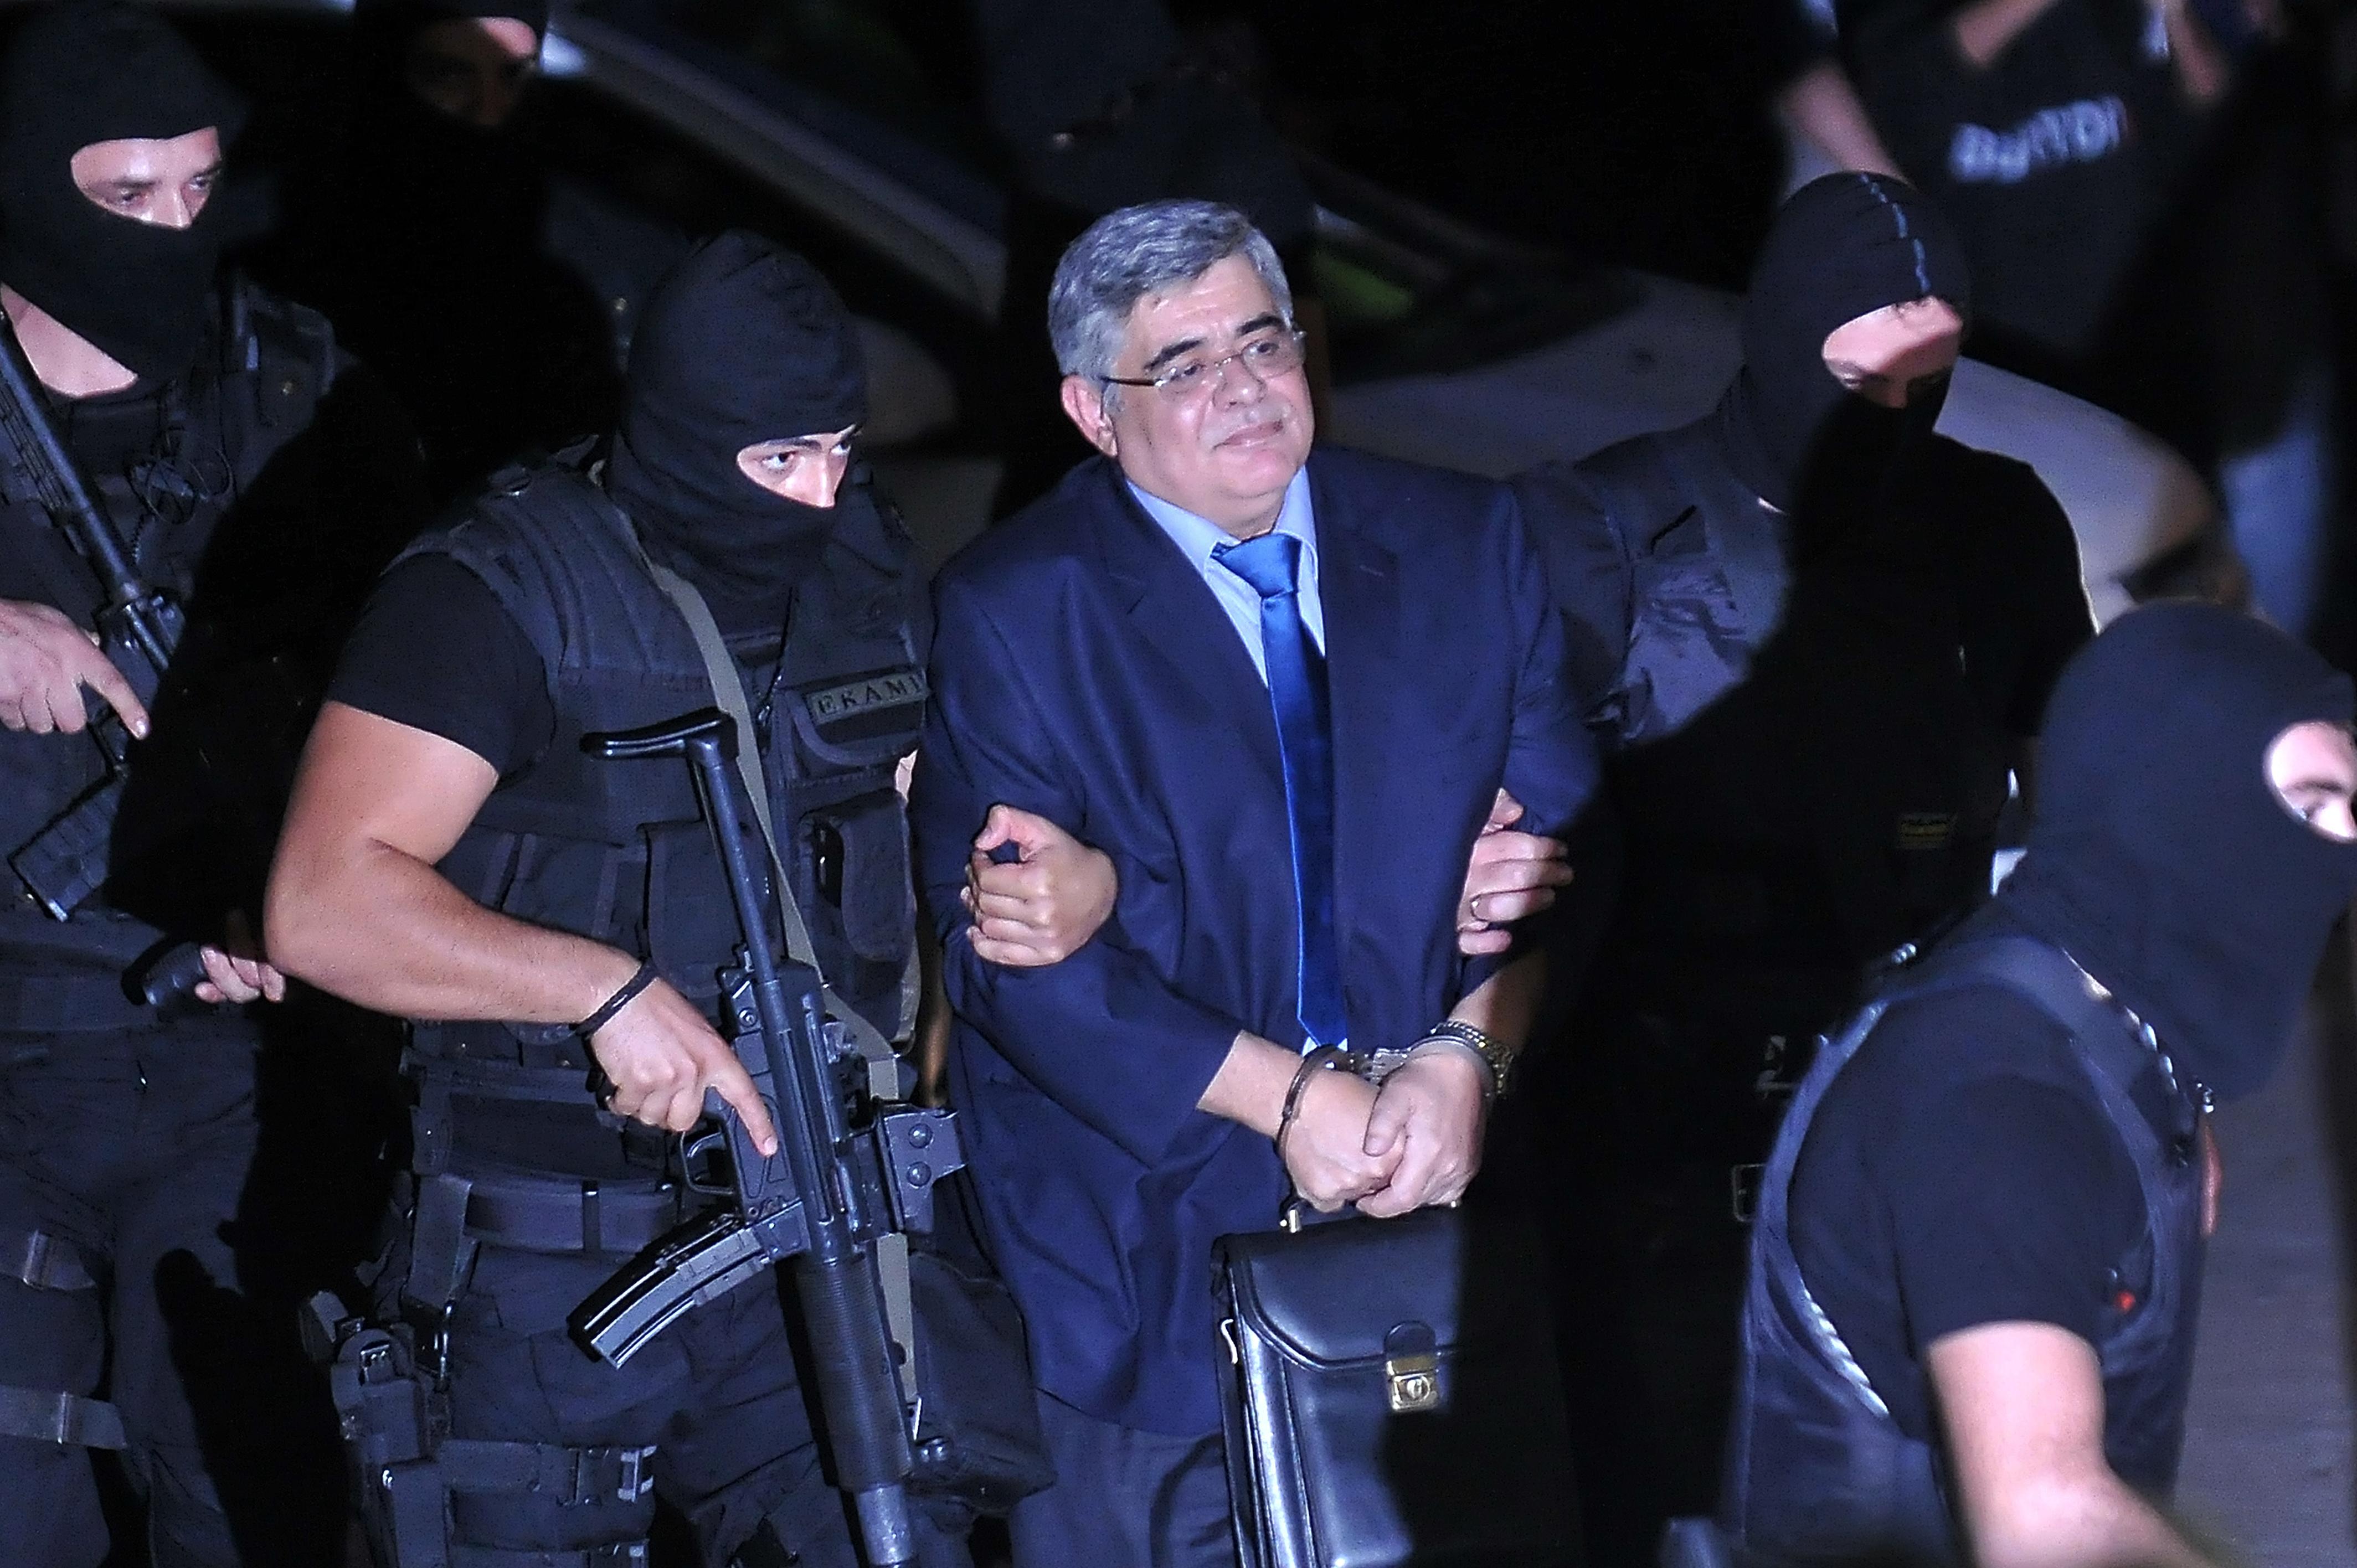 13 év börtönt kapott az Arany Hajnal görög szélsőjobboldali párt több vezetője